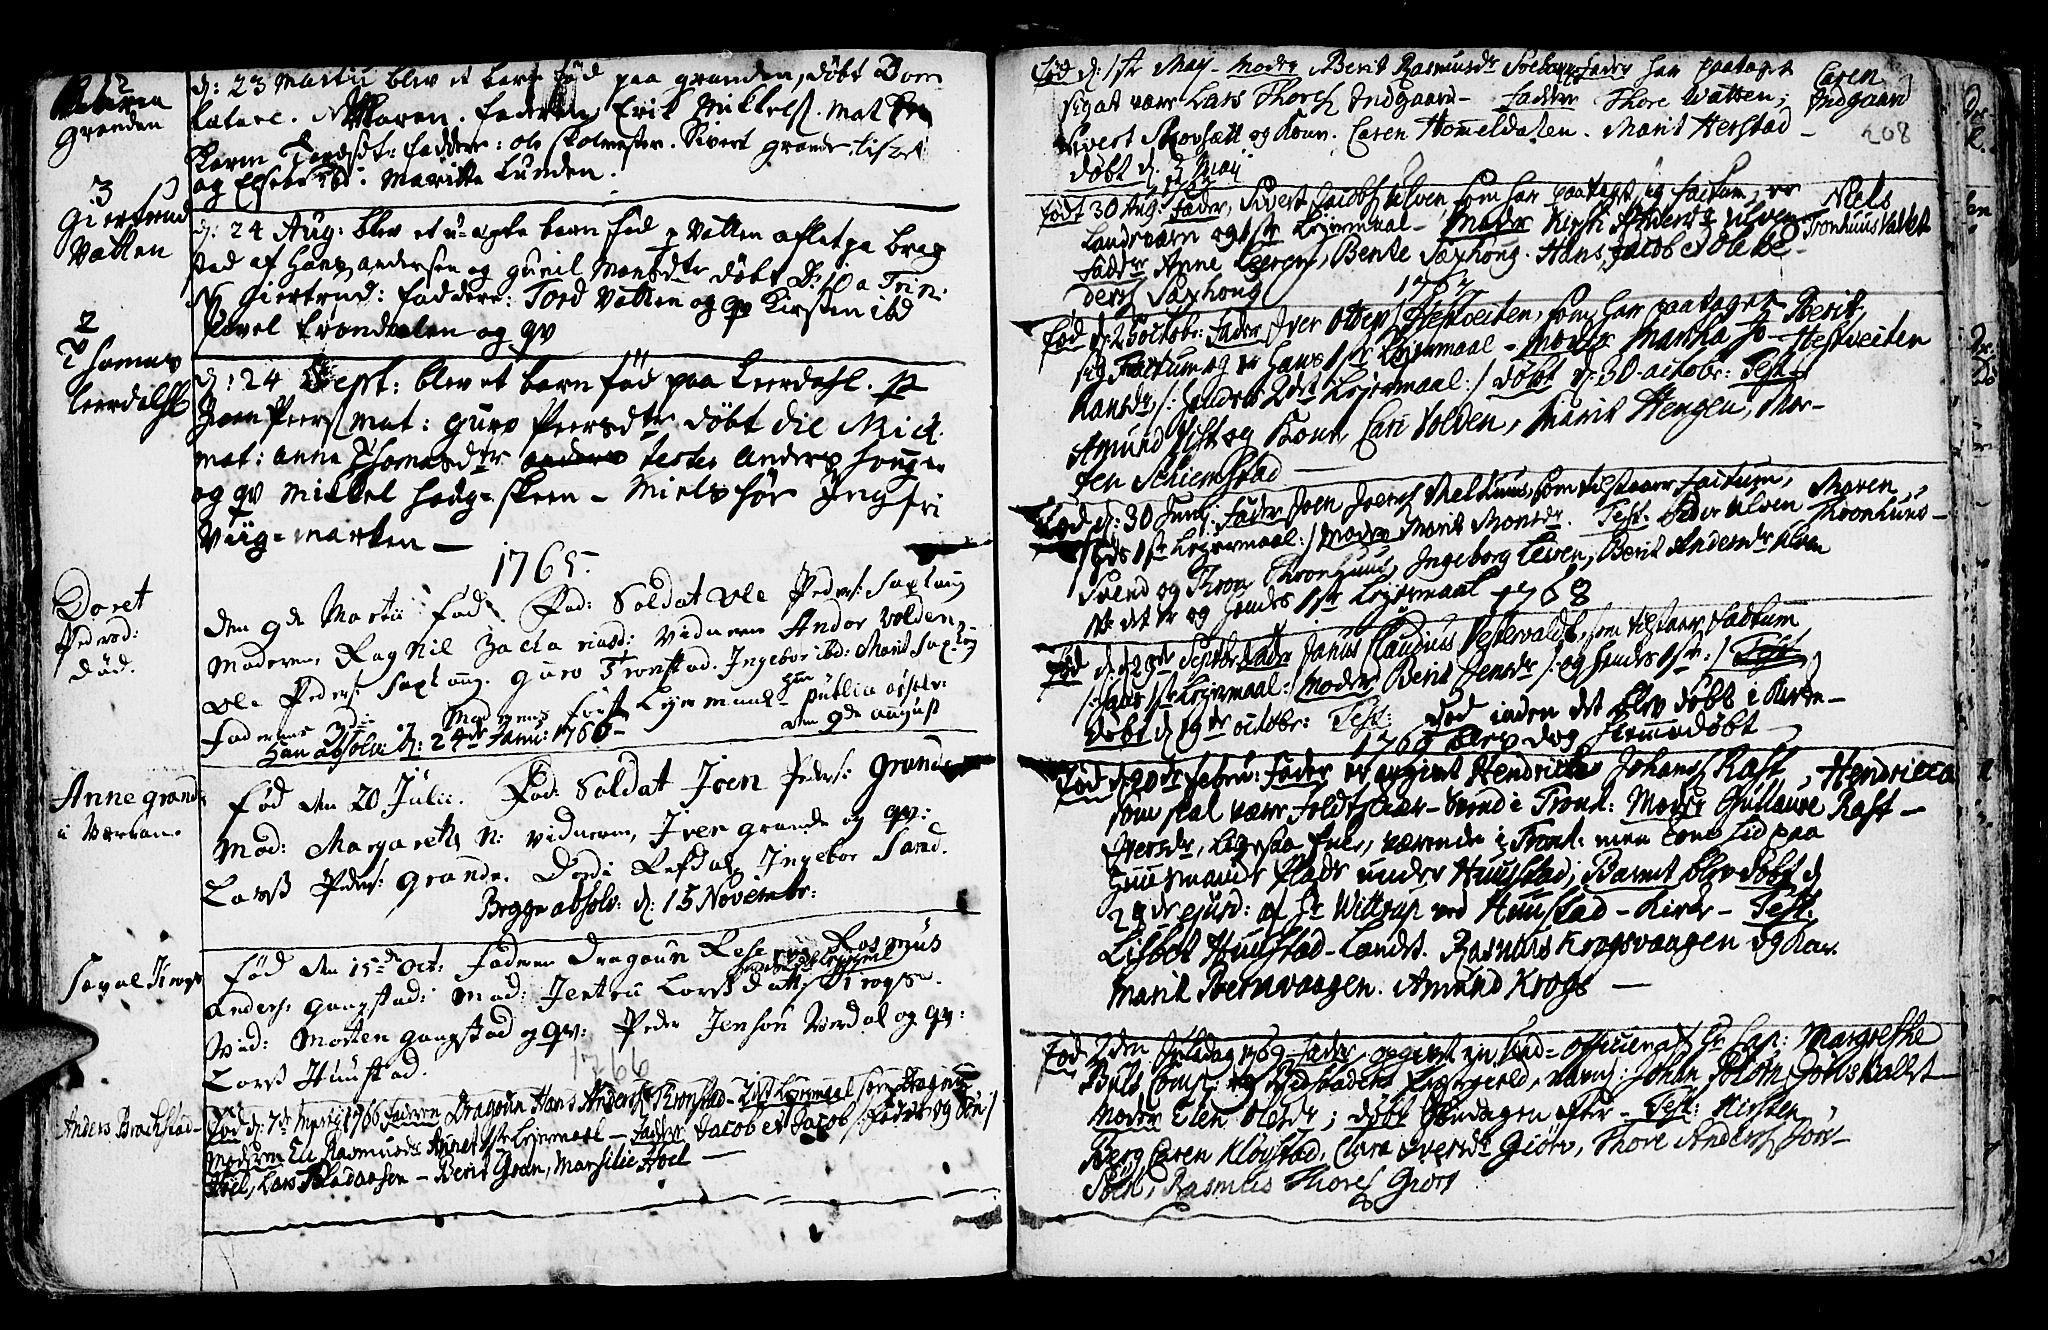 SAT, Ministerialprotokoller, klokkerbøker og fødselsregistre - Nord-Trøndelag, 730/L0273: Ministerialbok nr. 730A02, 1762-1802, s. 208